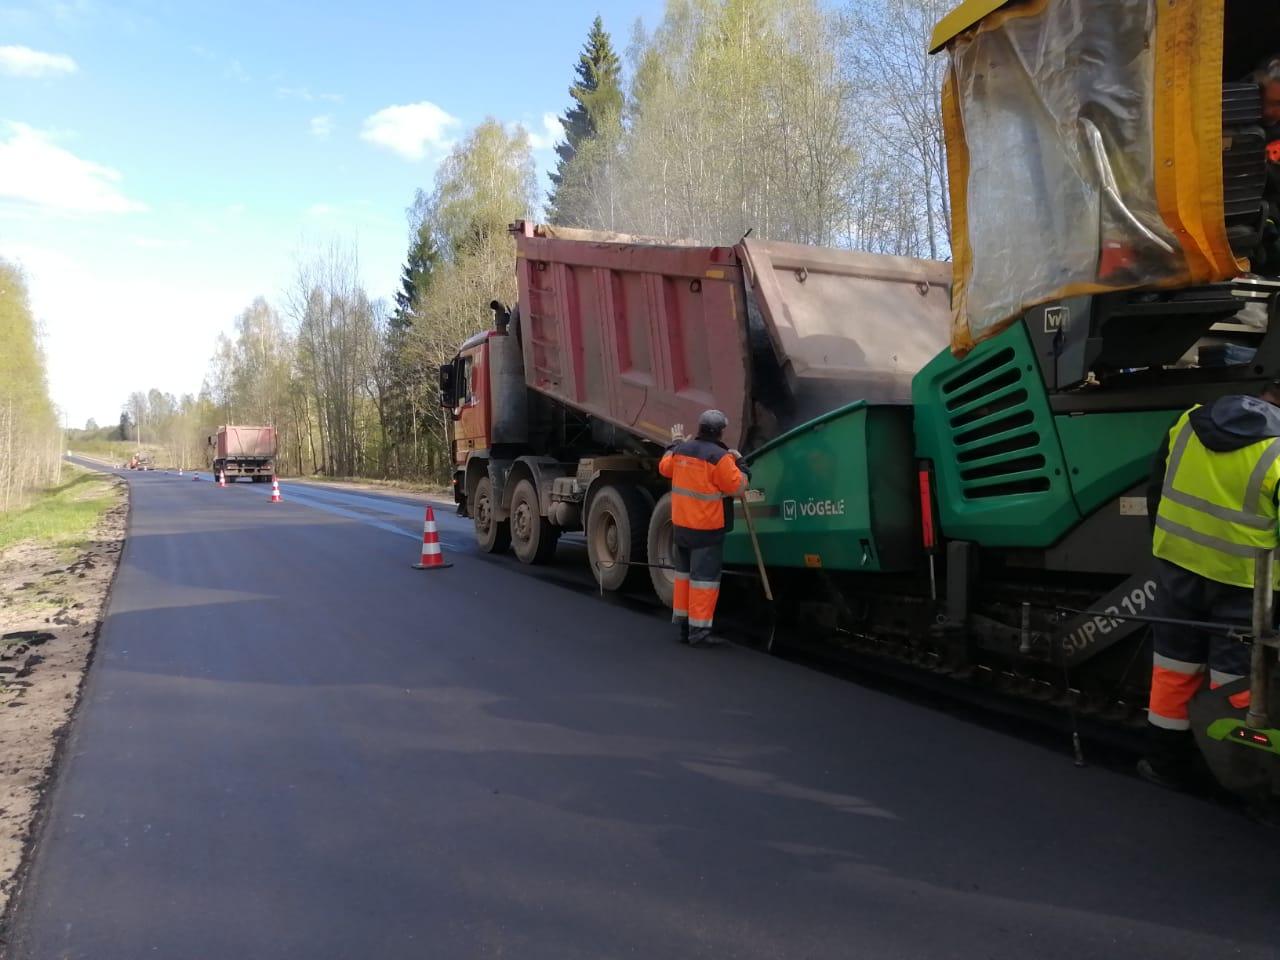 Как до Вологды: в 2020 году в Тверской области в отремонтируют 536 километров дорог